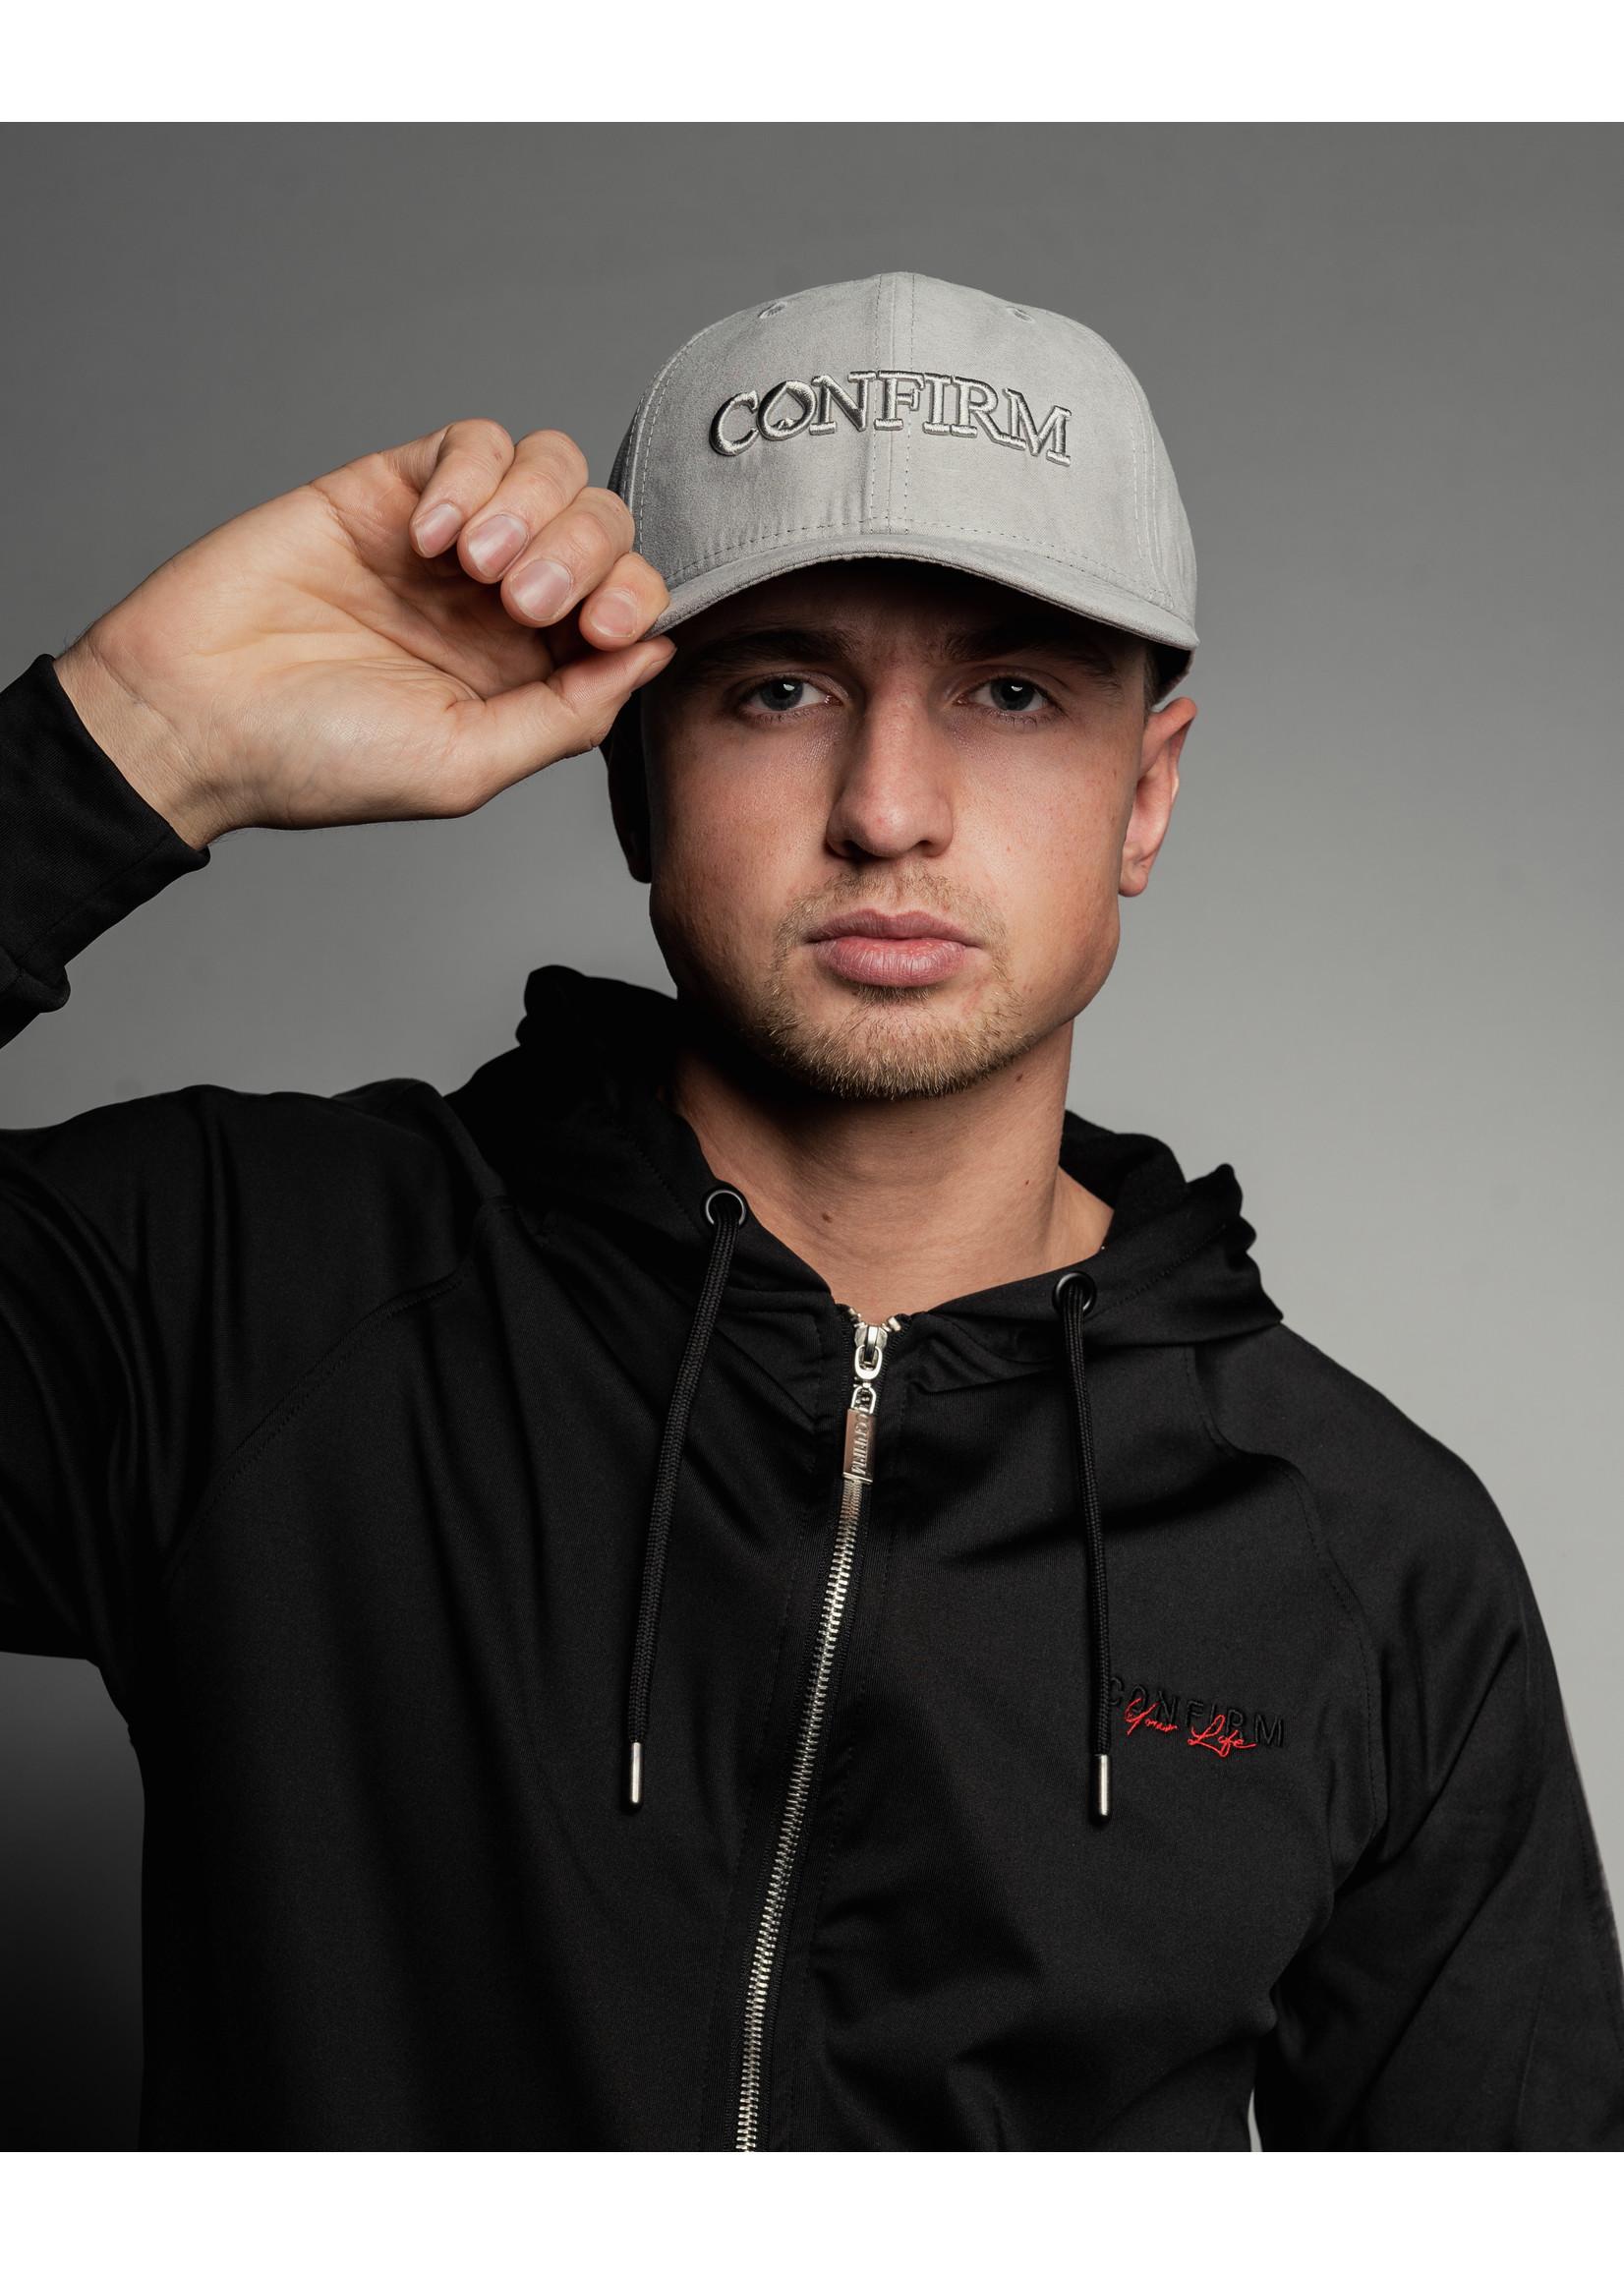 Confirm brand suede look cap - light grey